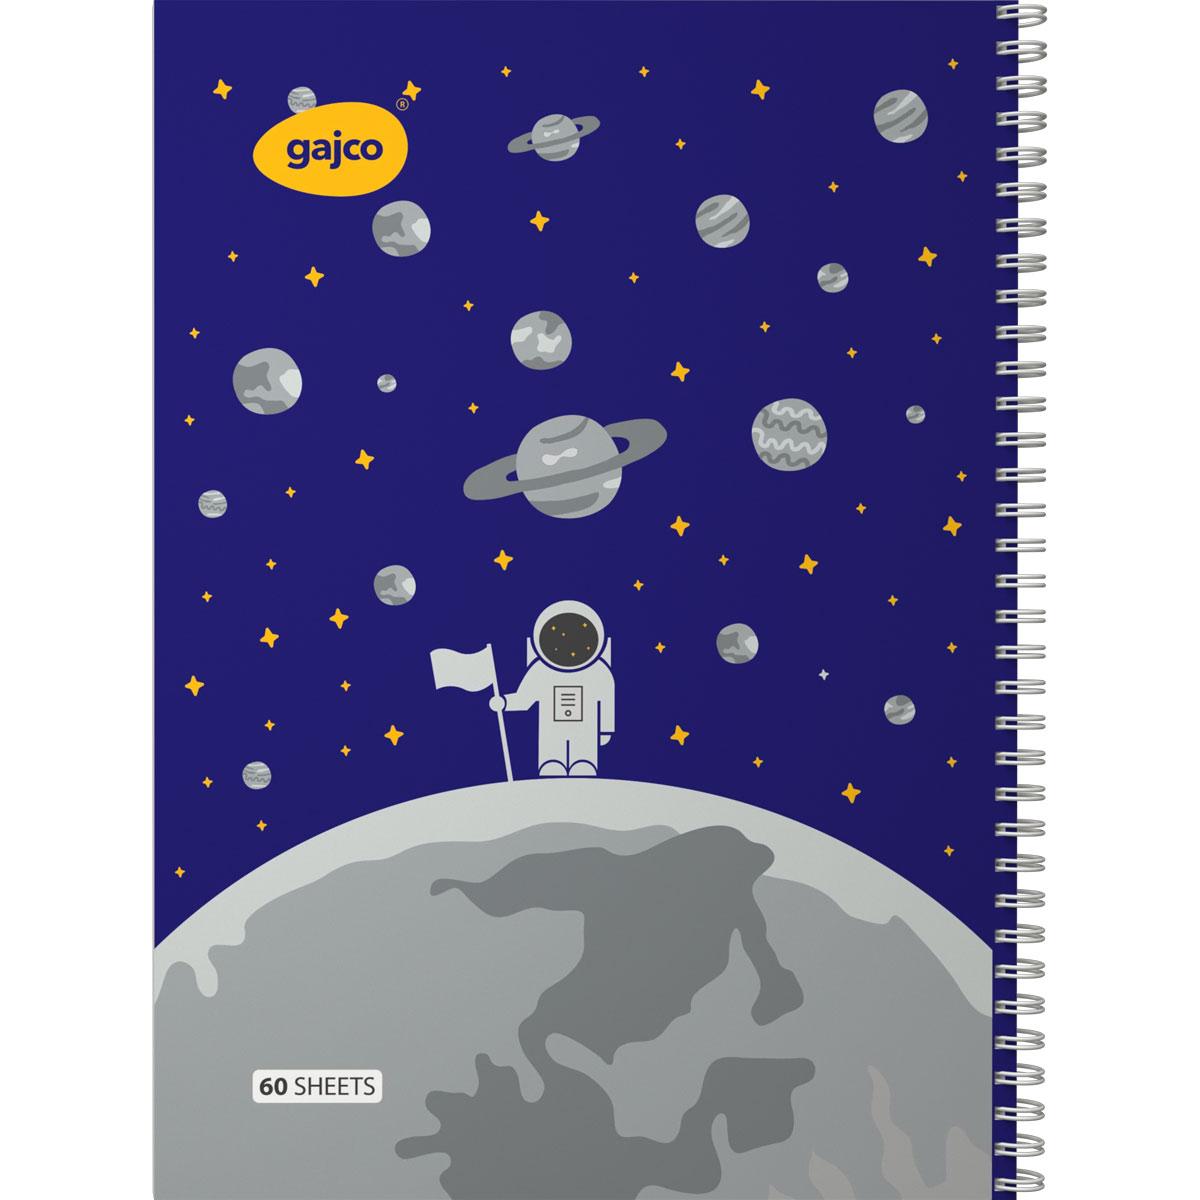 دفتر سیمی 60 برگ گاجکو طرح سفر به ماه با رایحه شکلات